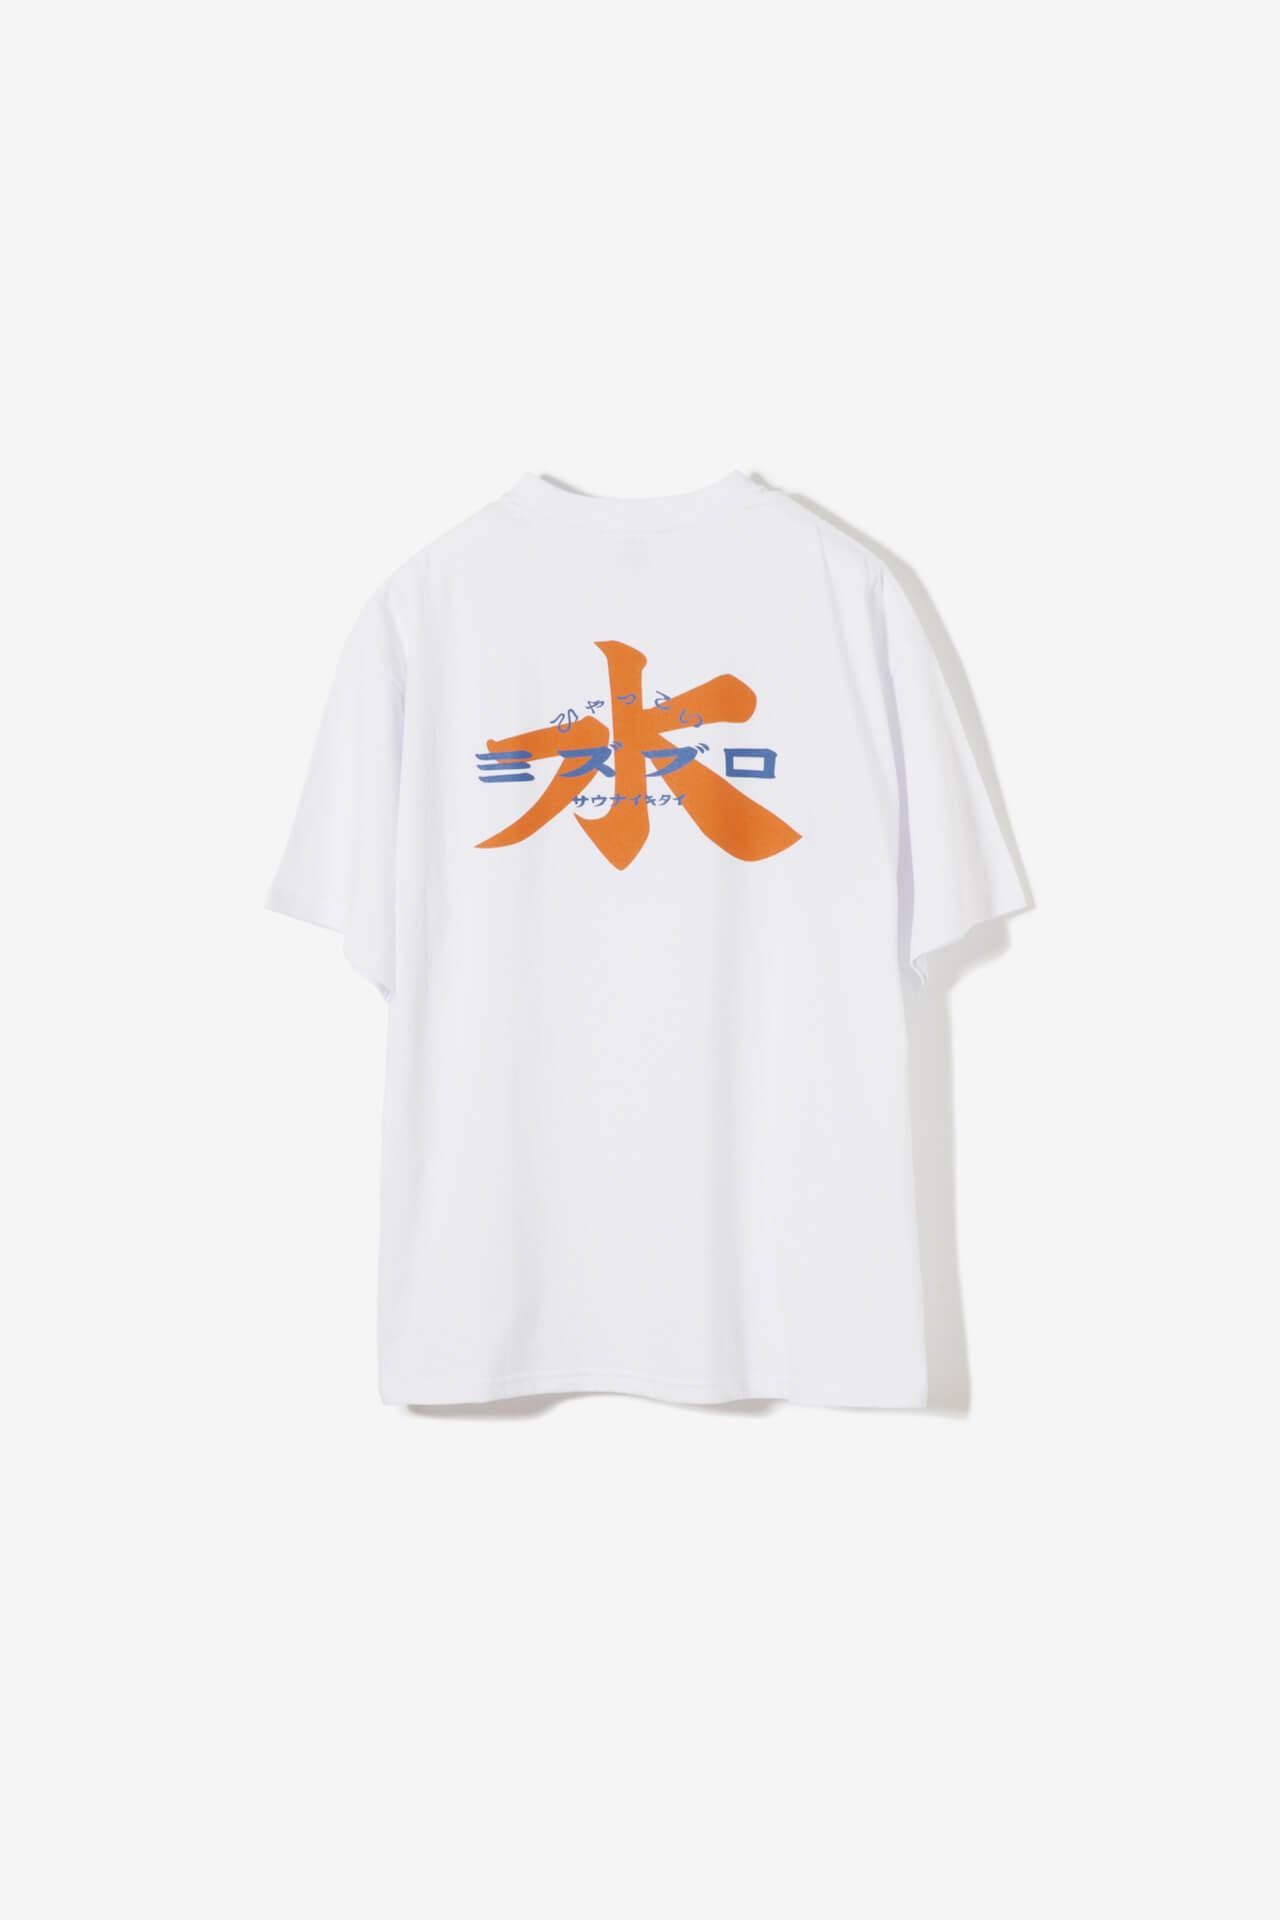 サウナイキタイのサウナグッズ2021年夏バージョンが発売!ペリカンシャツ、サコッシュなど5アイテムが登場 life210729_saunaikitai_12